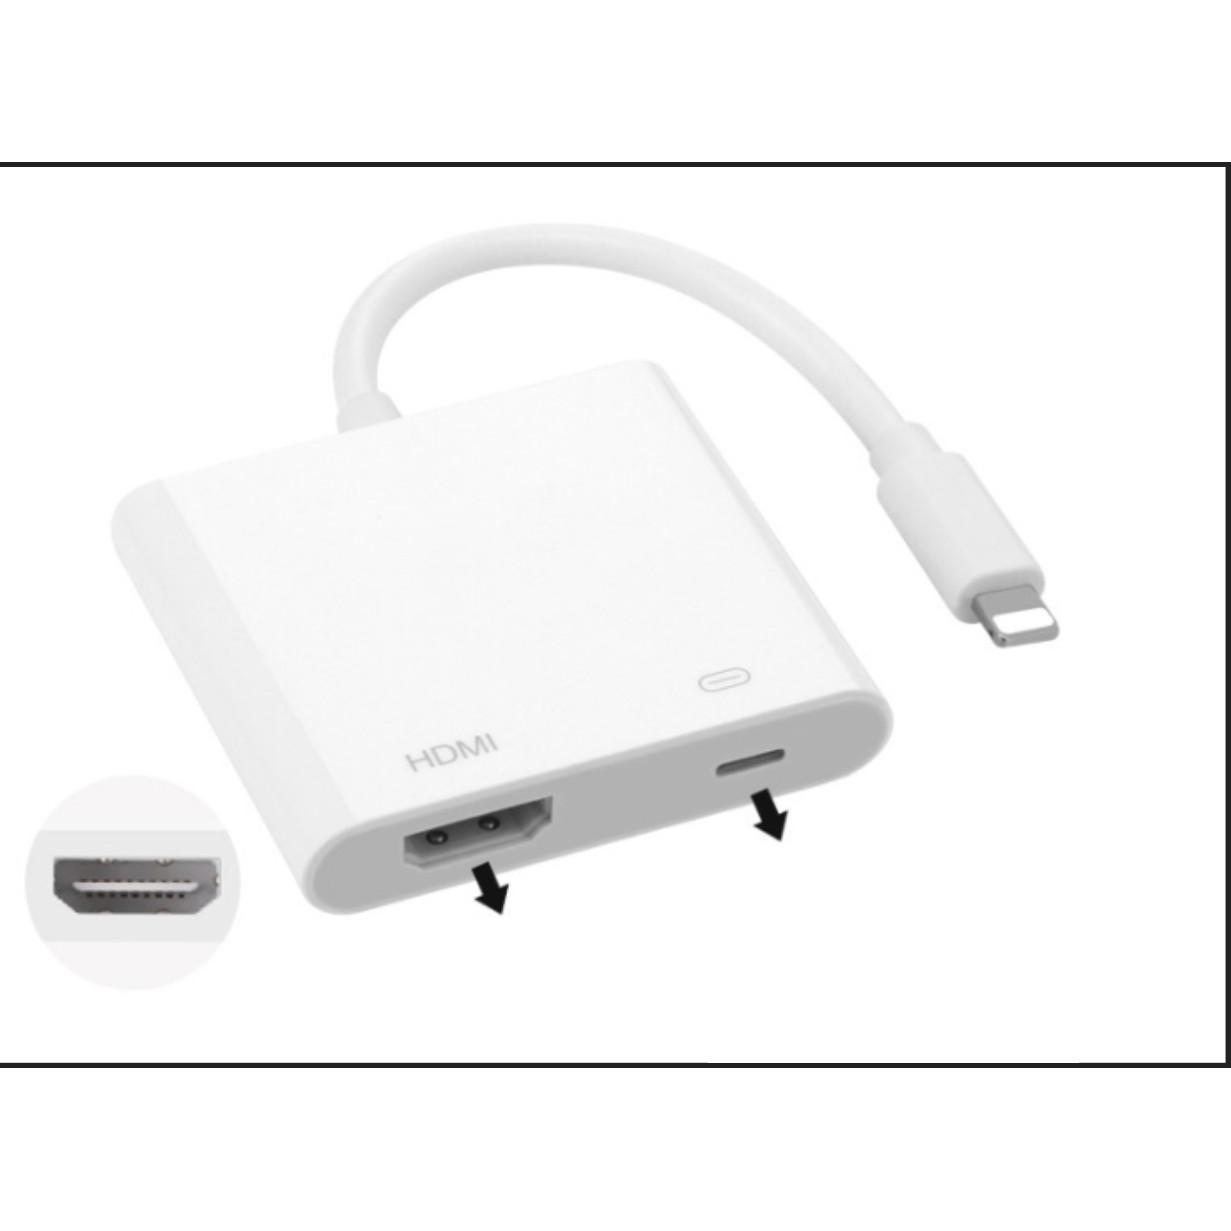 Cáp HDMI cho Iphone, Kết nối máy tính, TV, Có thể sạc pin (Bộ chuyển đổi Iphone sang TV qua HDMI)